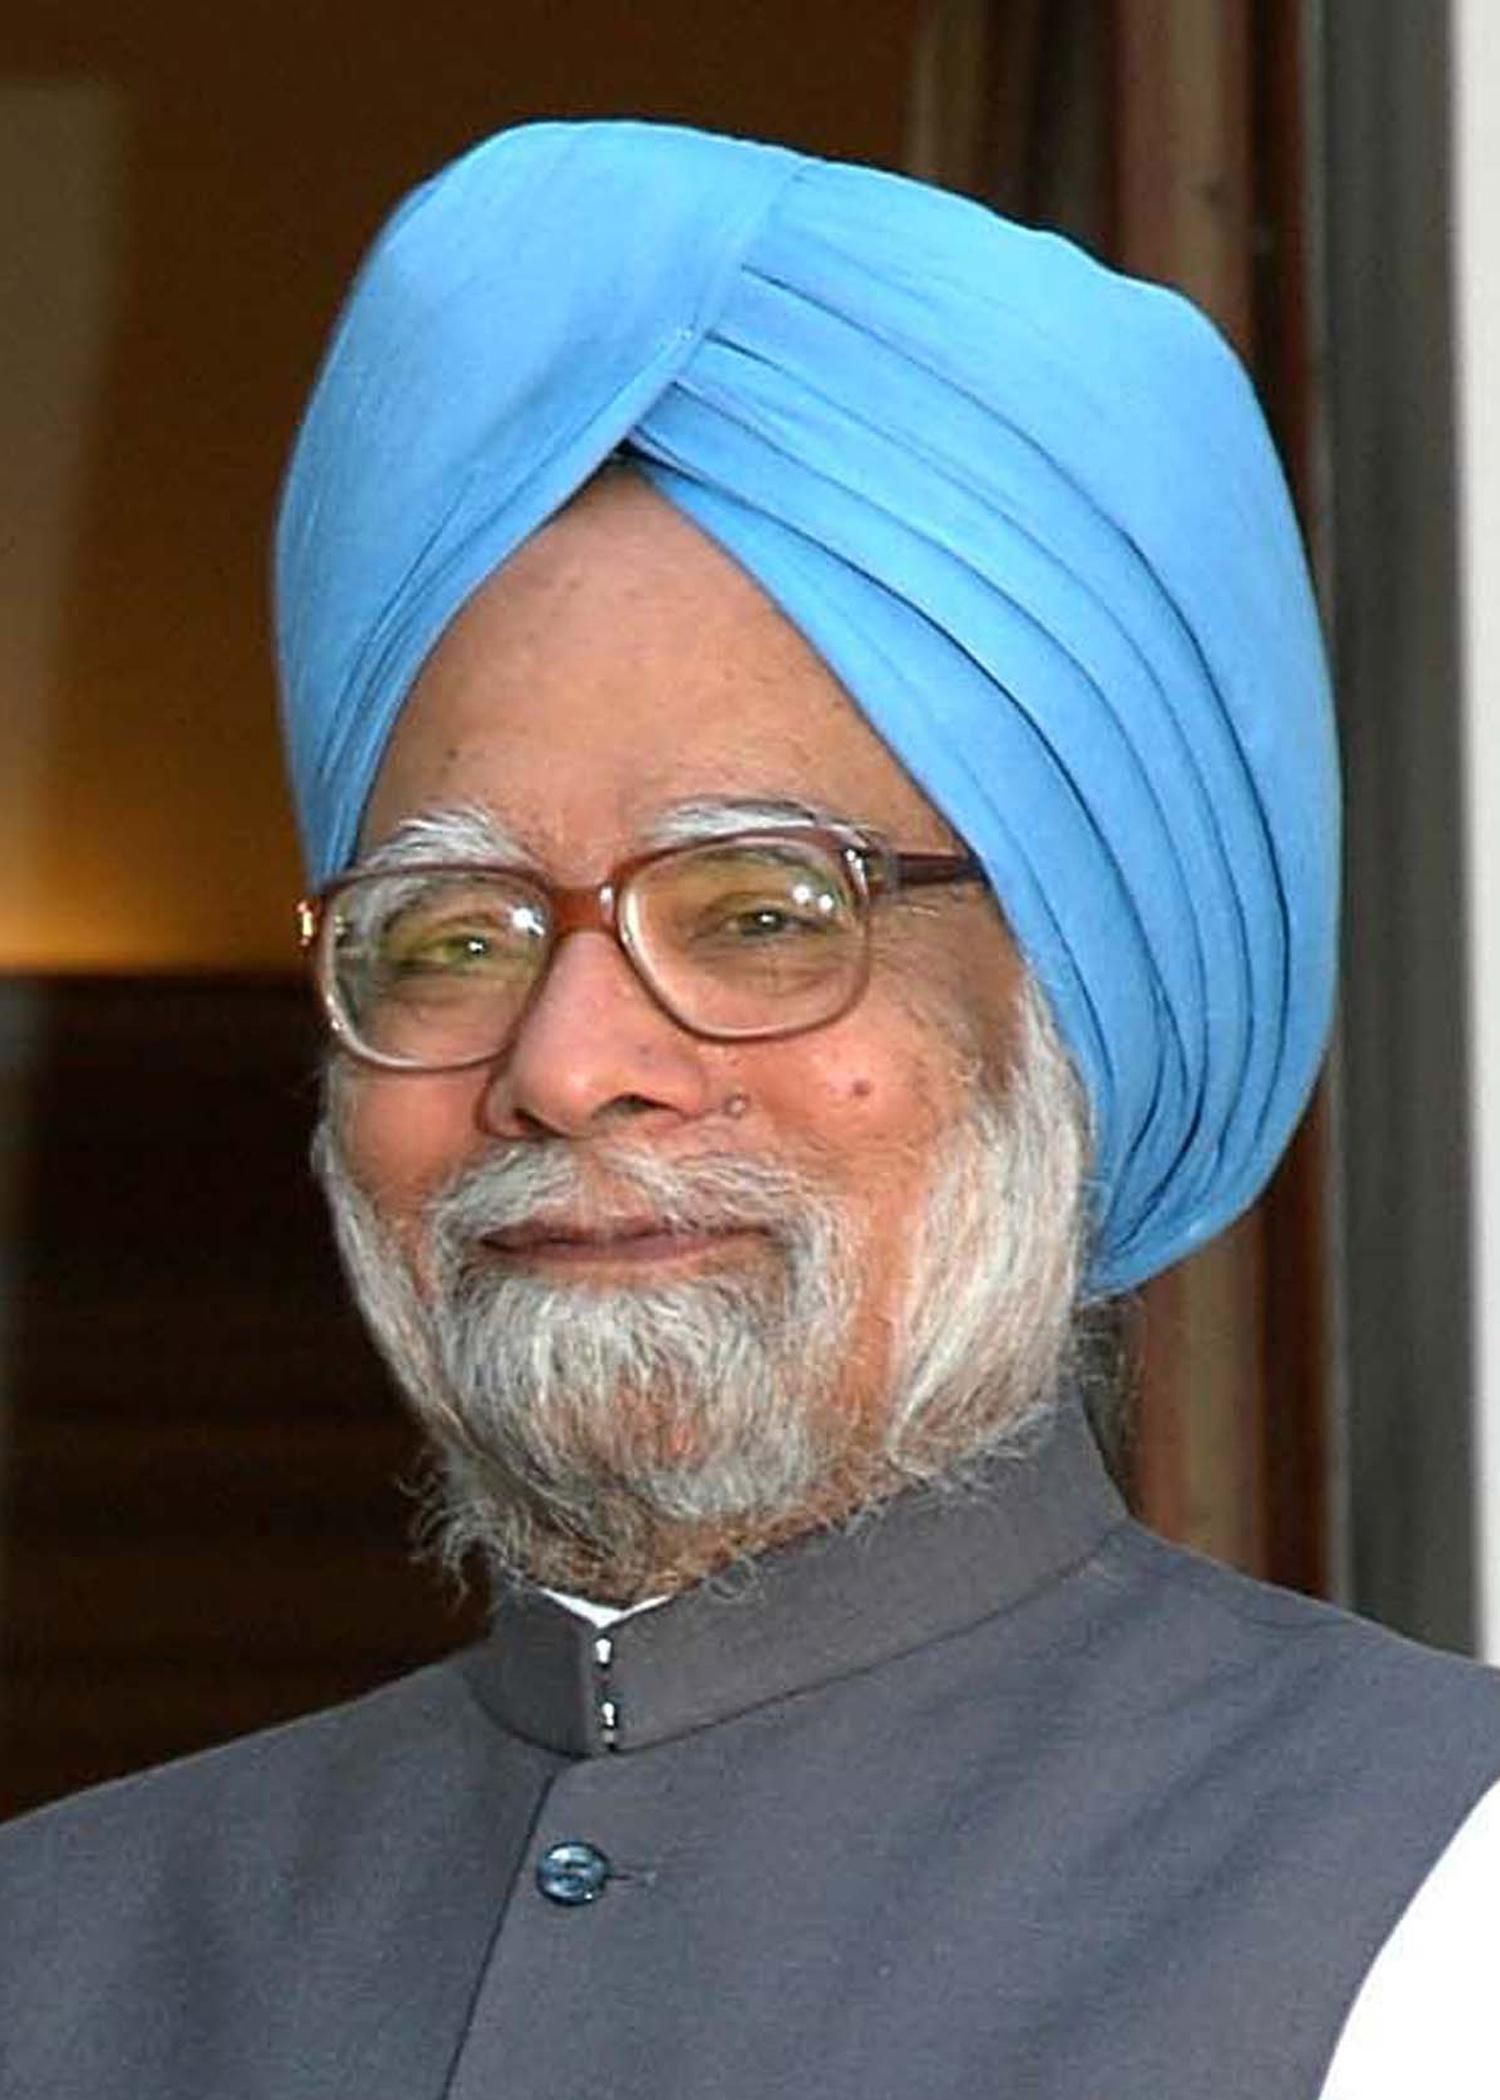 Manmohan Singh, Hindistanın 17. başbakanı tarihte bugün